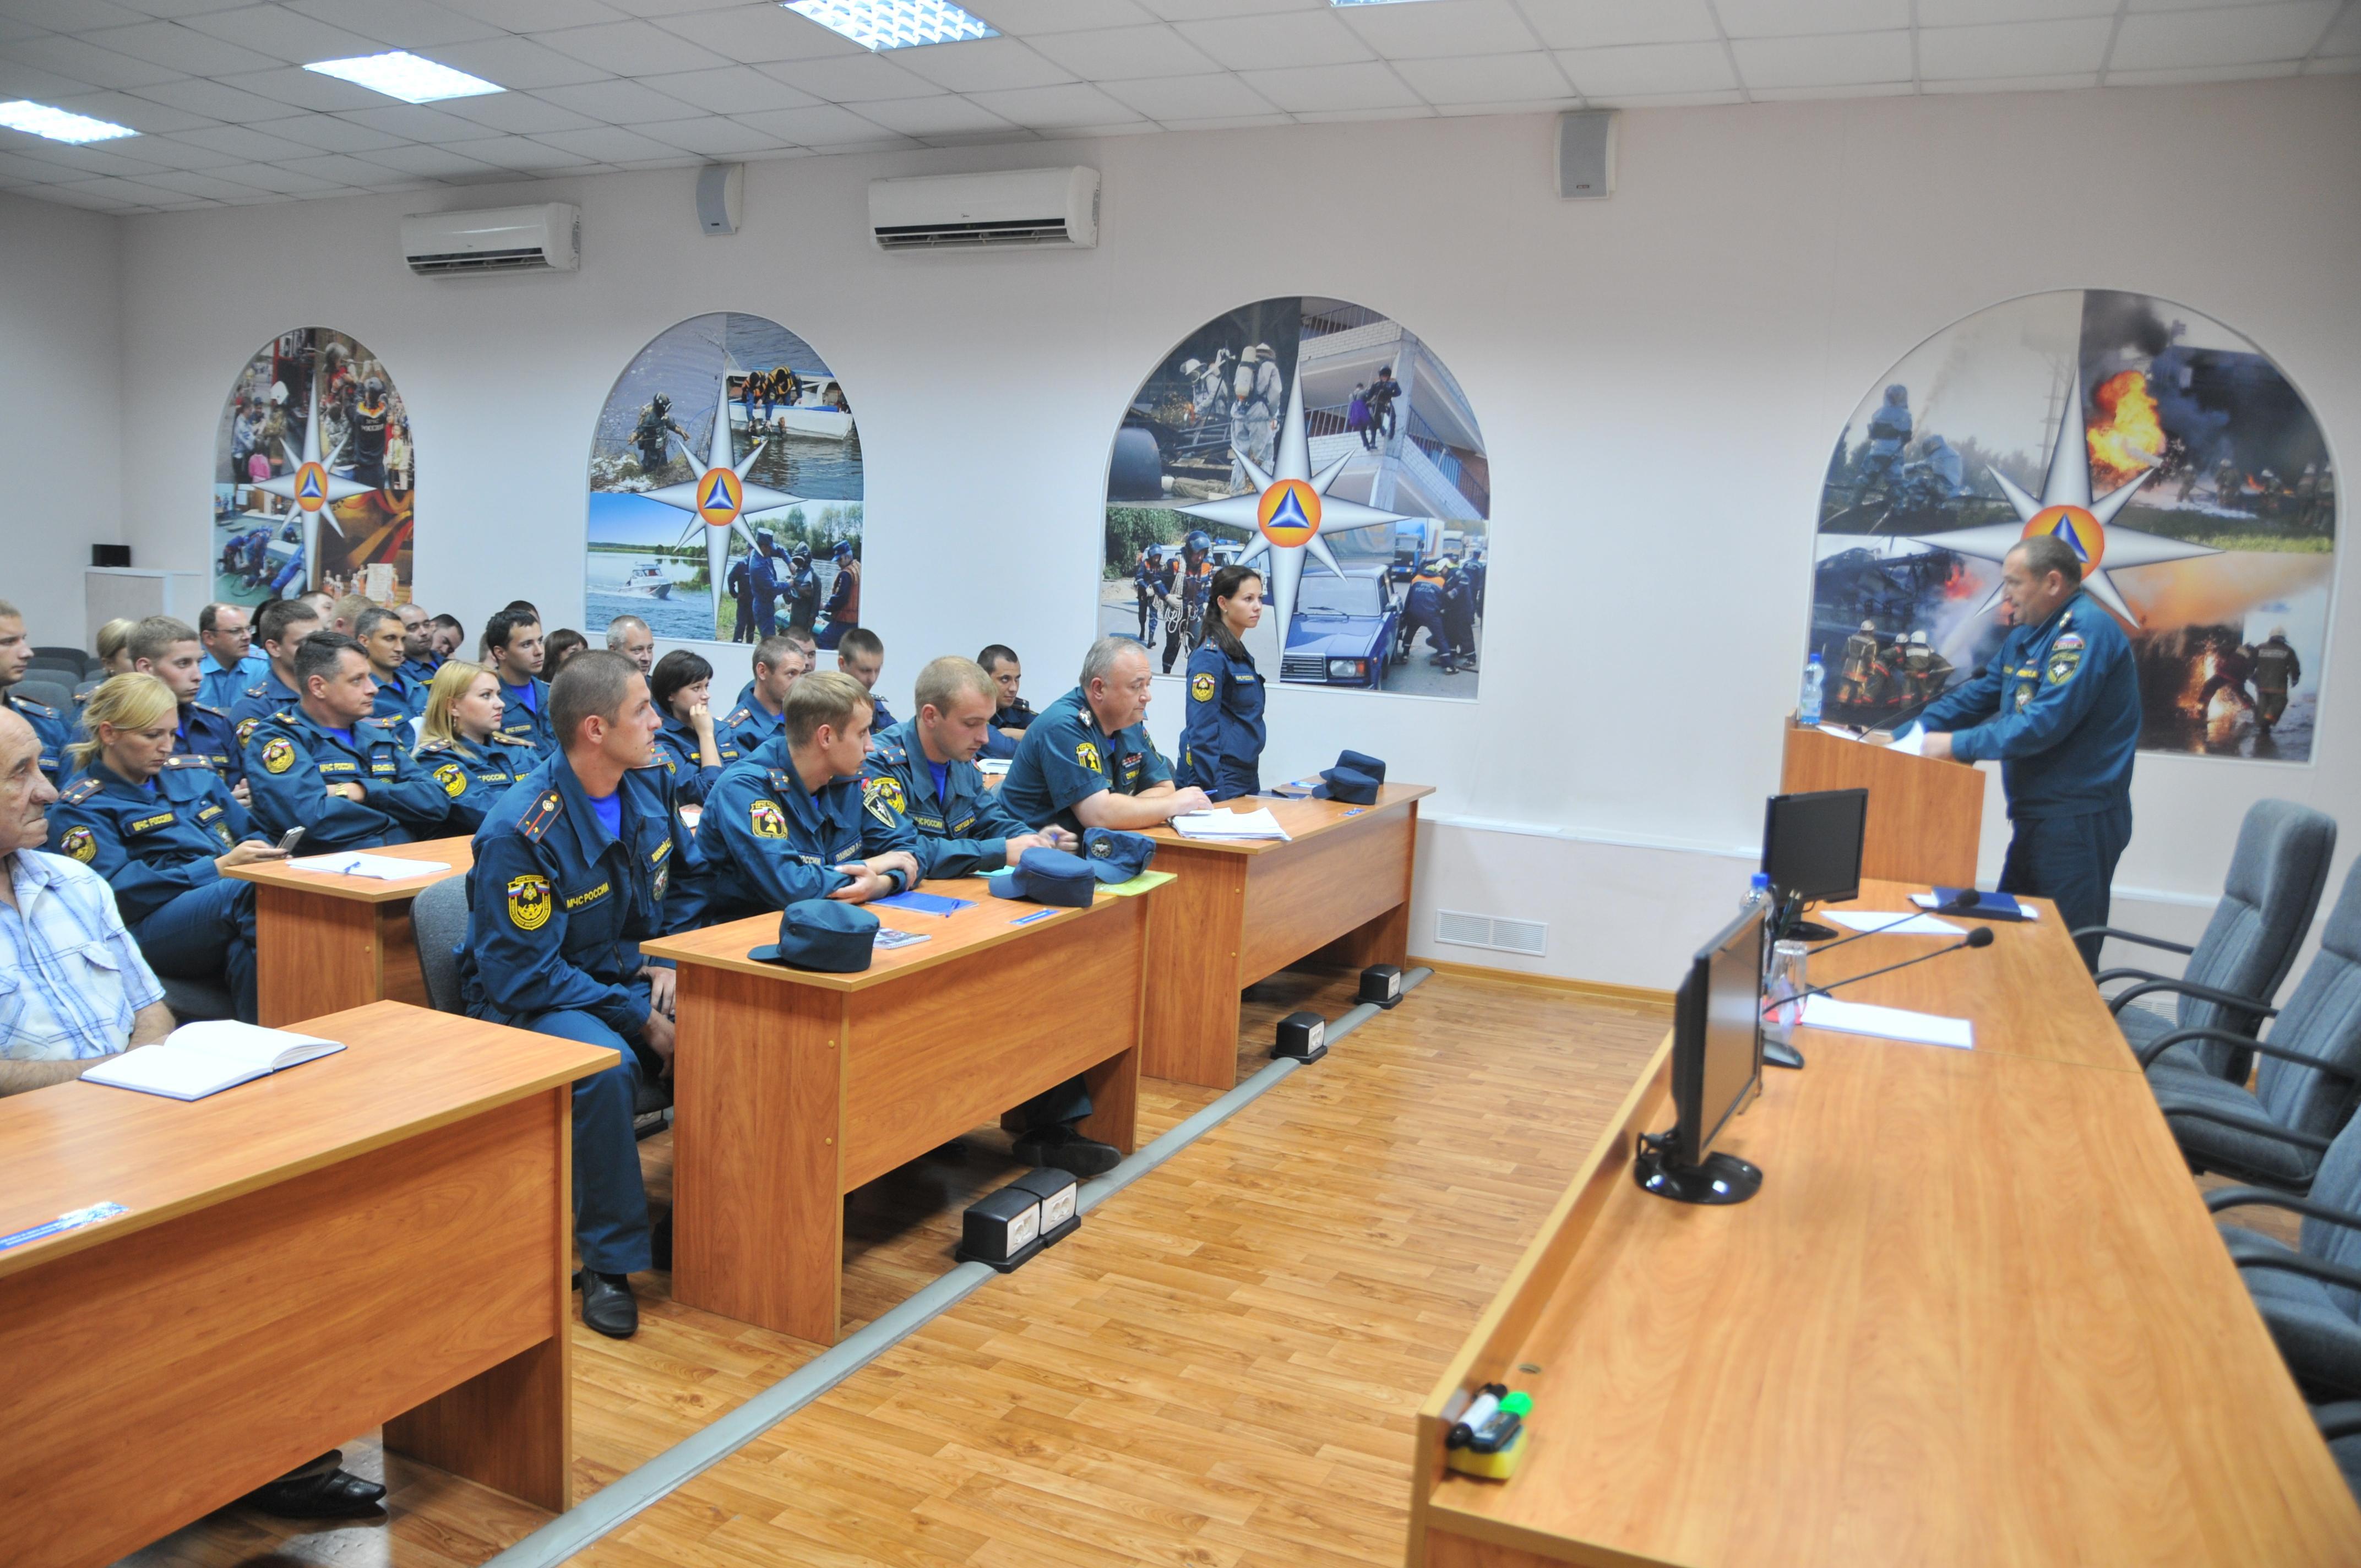 Учебно-методические сборы с выпускниками учебных заведений Государственной противопожарной службы МЧС России и Управления ФСИН